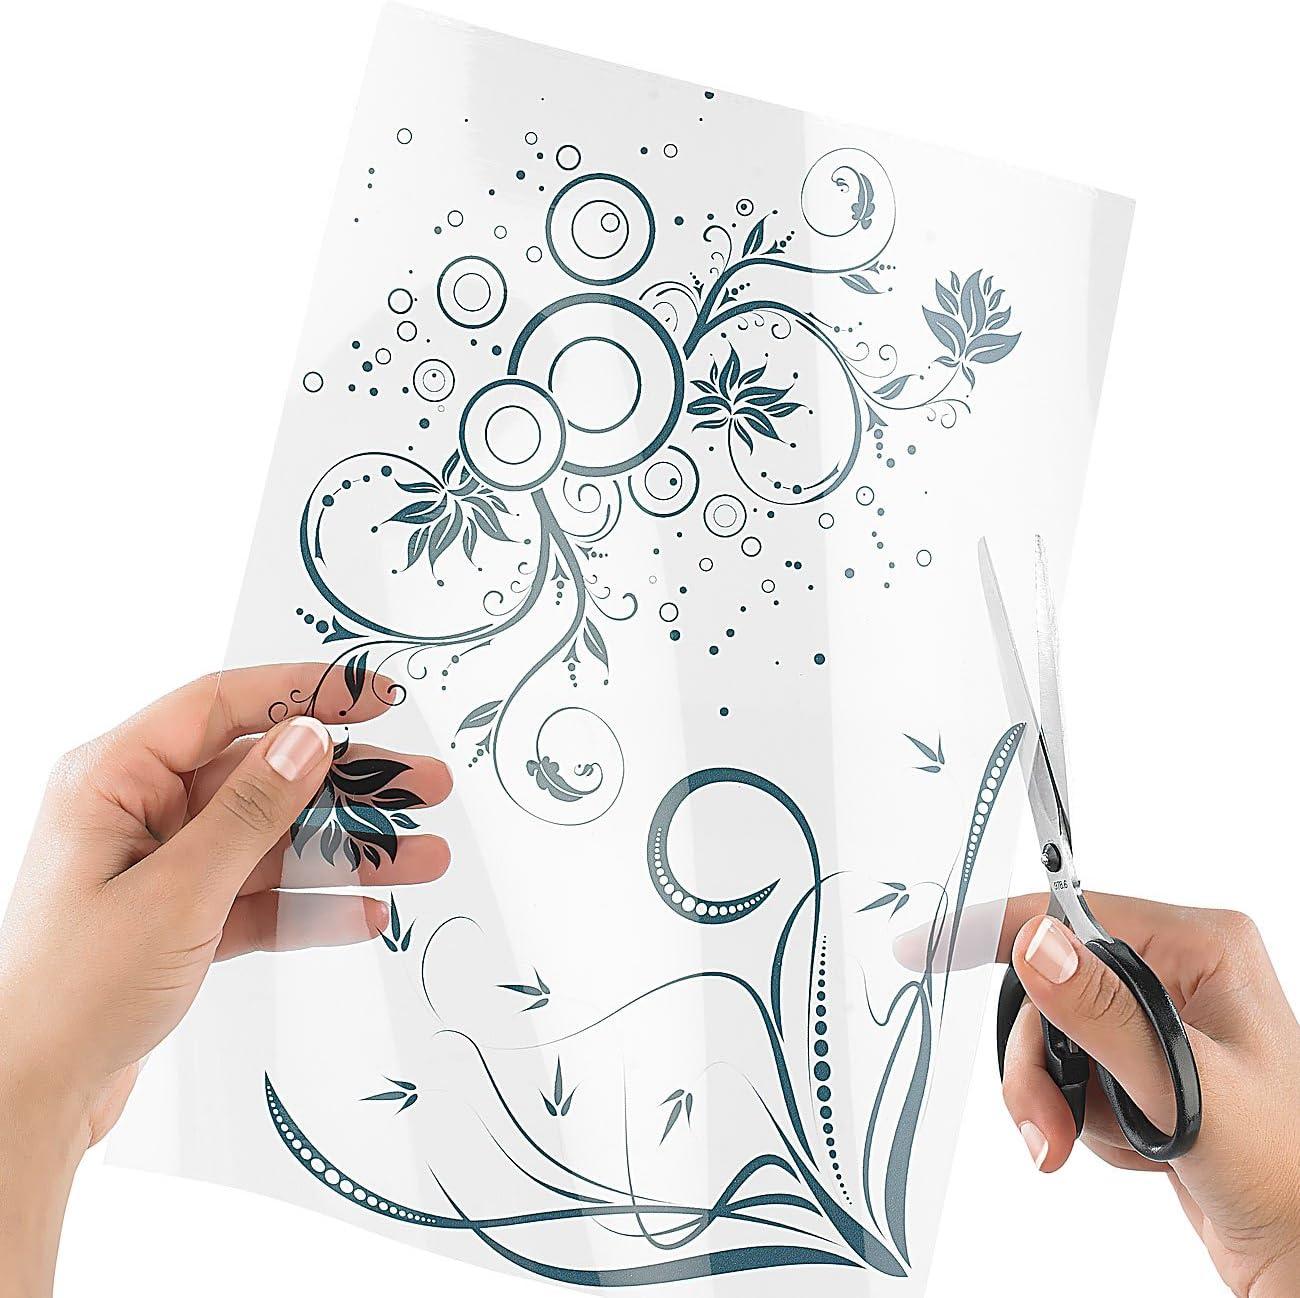 Sattleford Klebefolie bedruckbar 12 Klebefolien A12 transparent für Inkjet  Druckerpapier selbstklebend